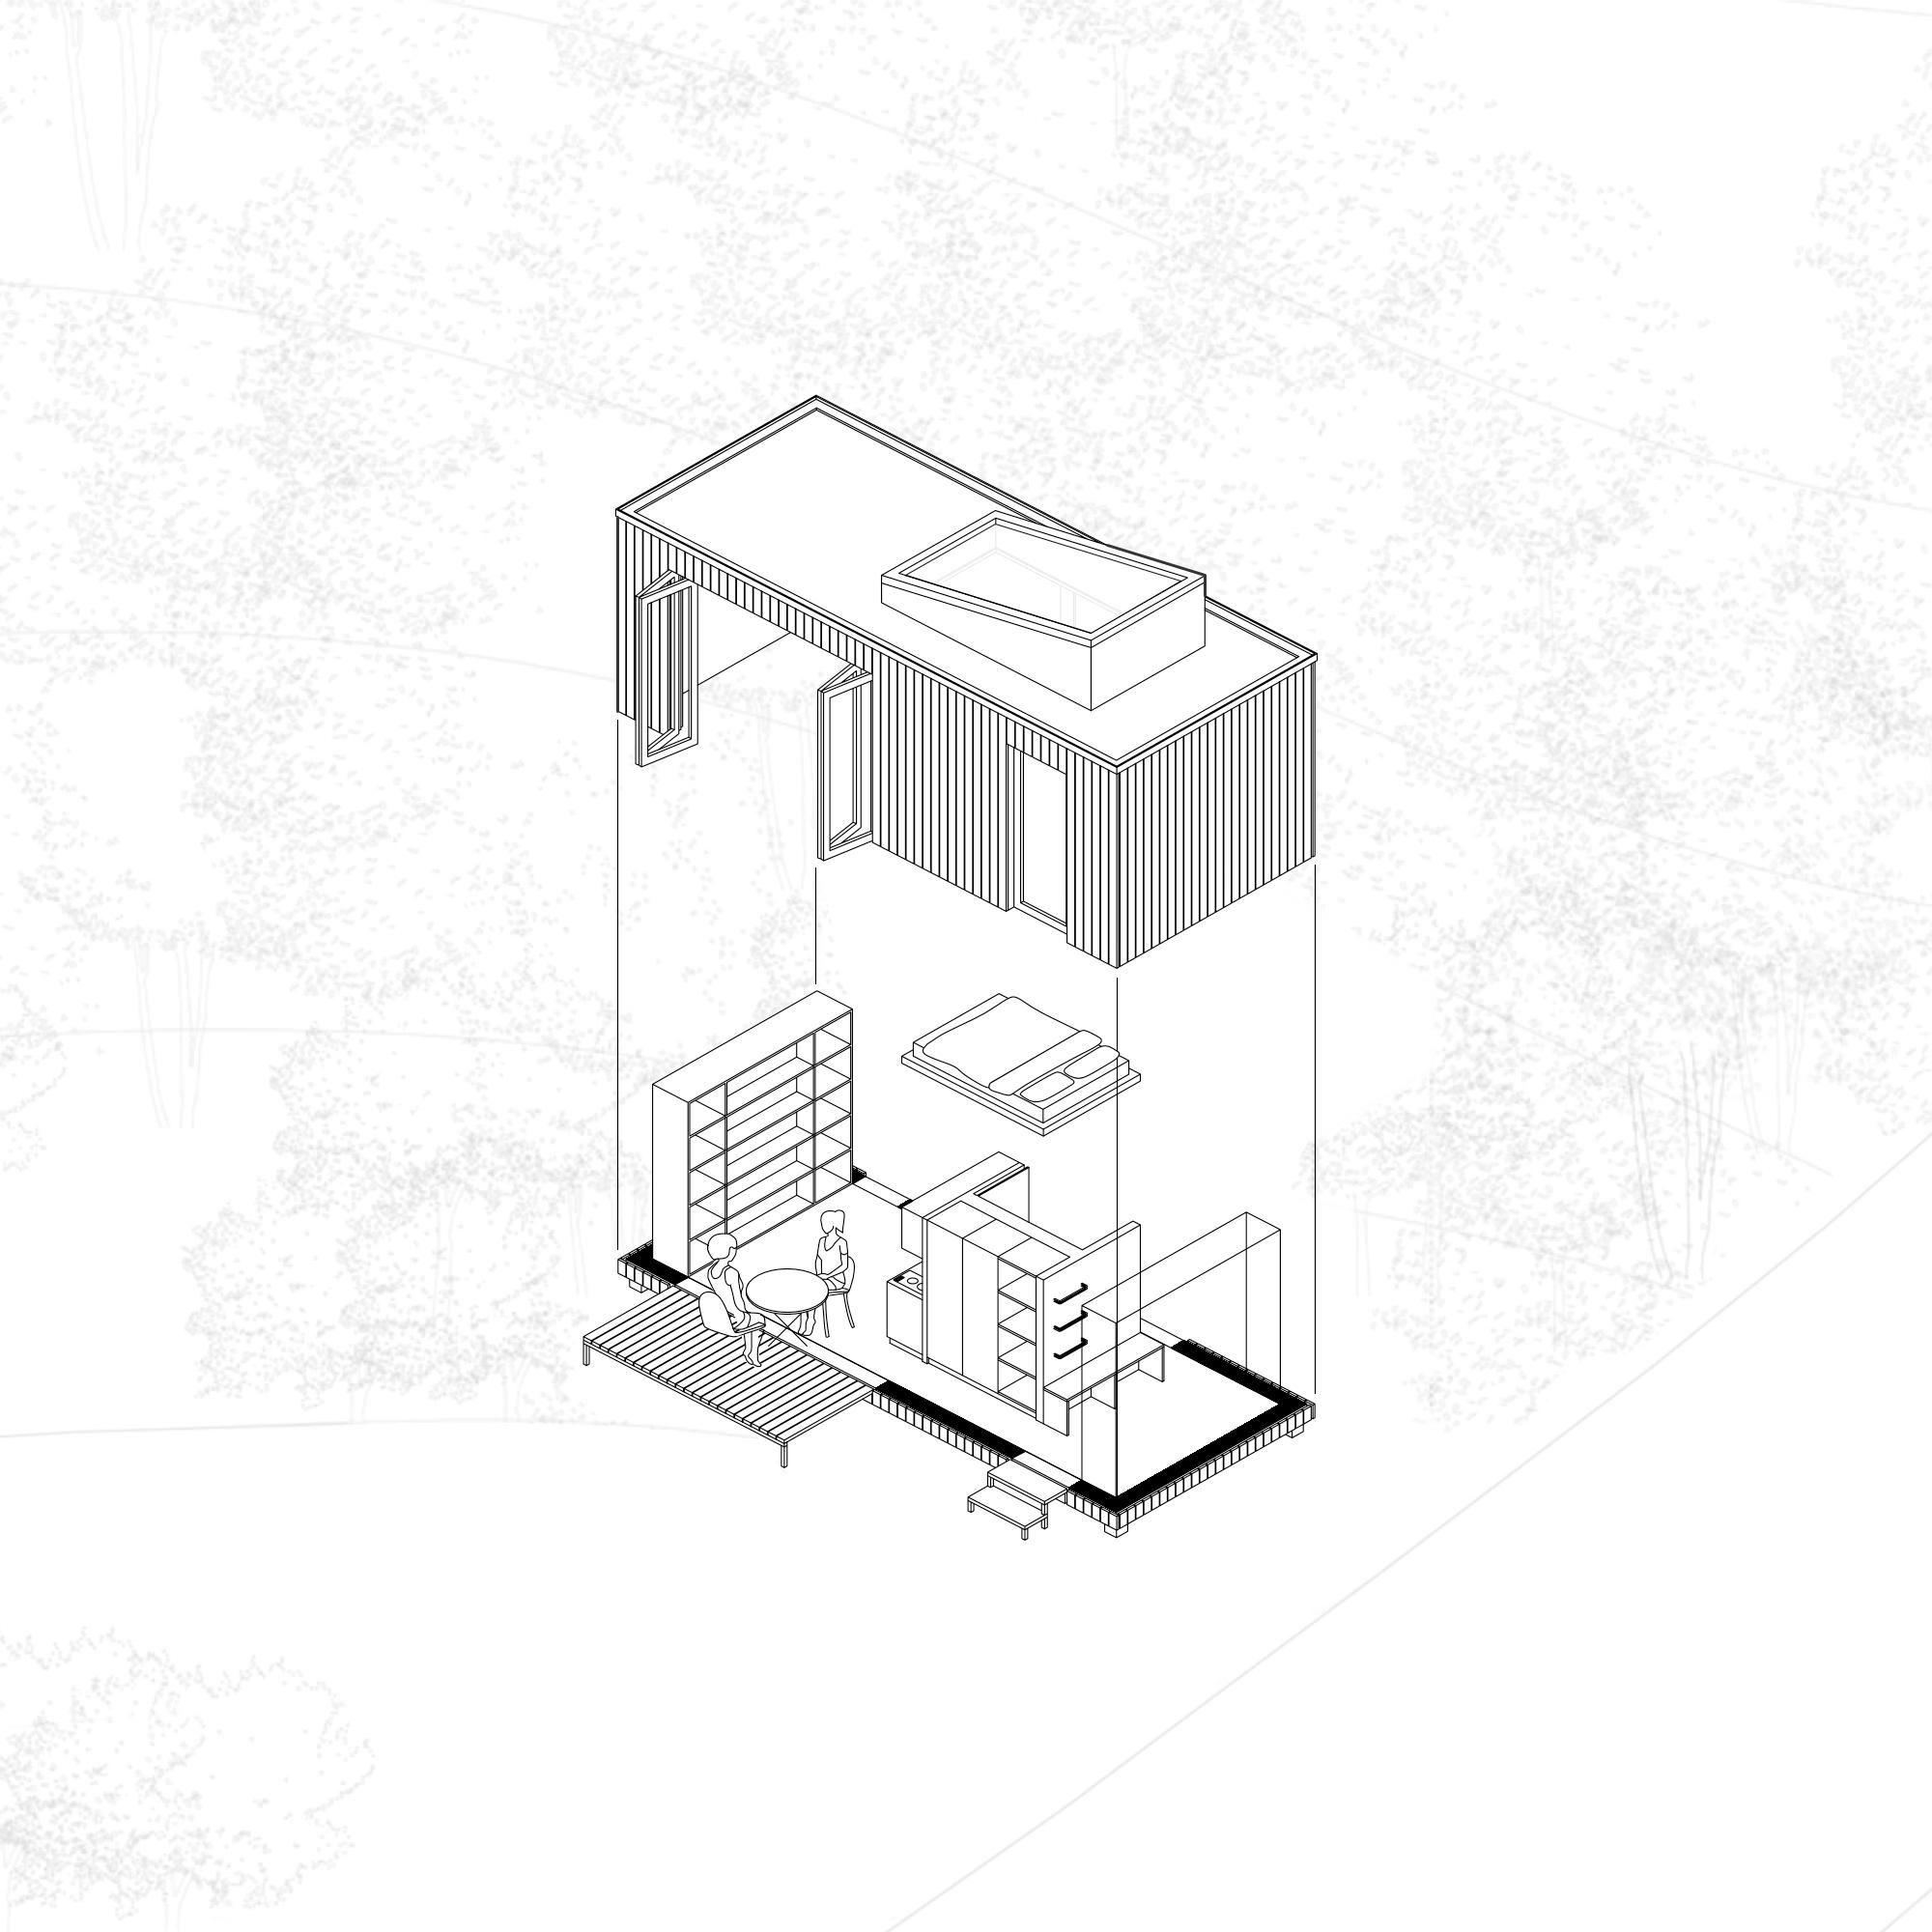 Wooden Shelter, Simon Waschto, & Leonard Schwab